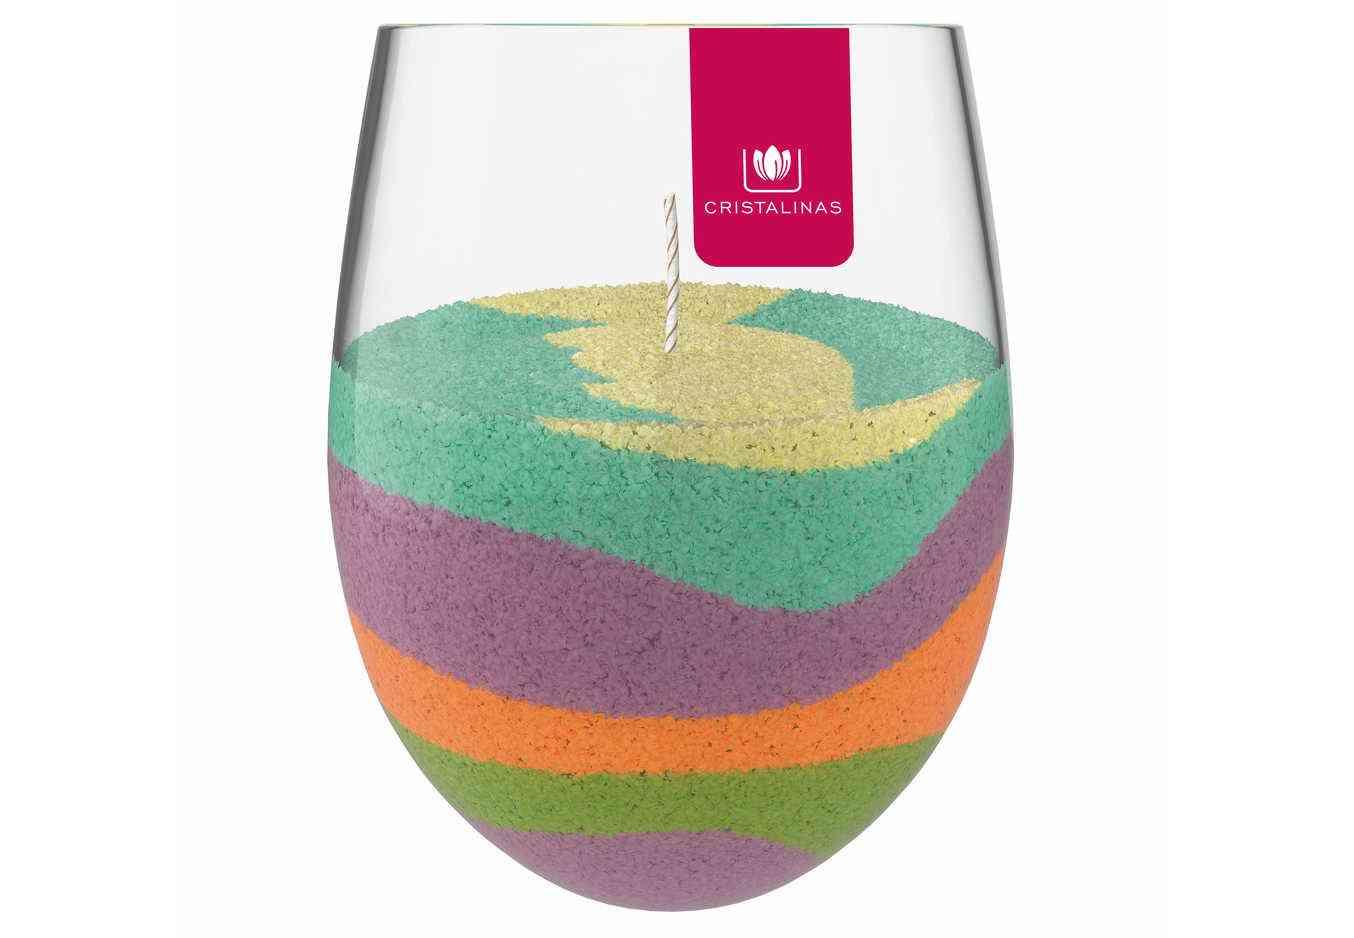 Cristalinas nos permite crear nuestra propia vela aromática gracias a su Vela Creativa 2